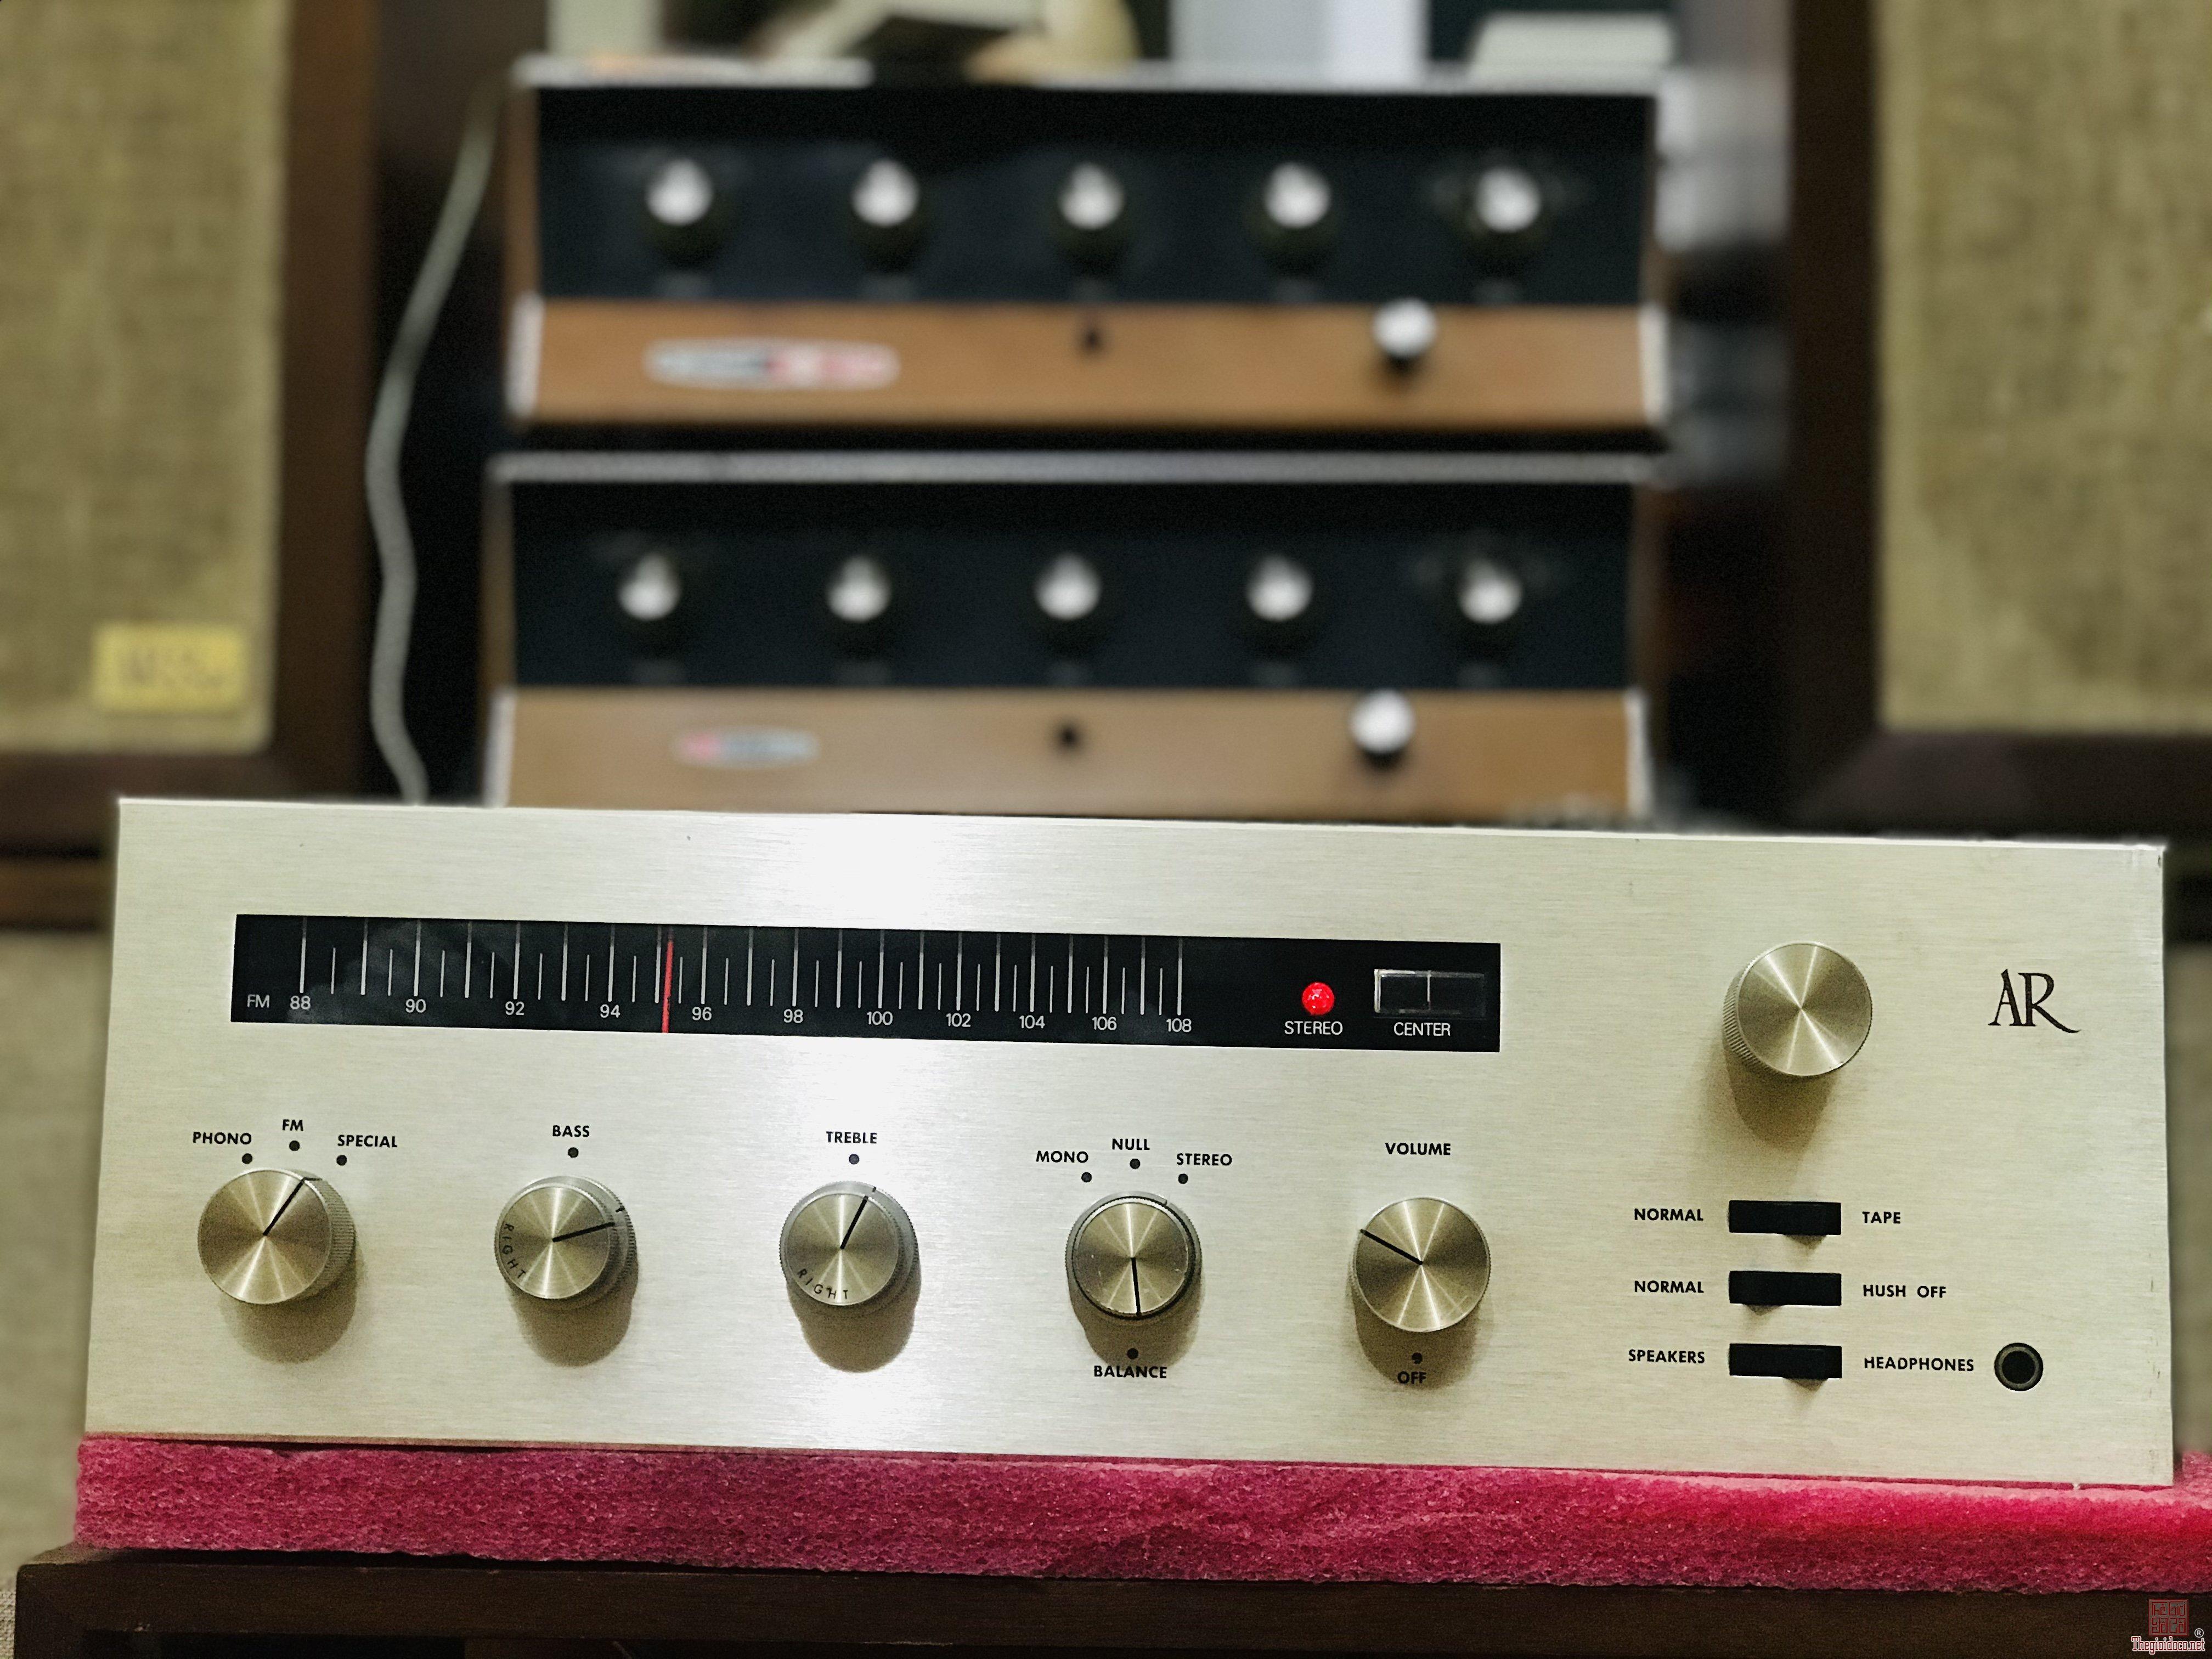 Ampli AR - R Radio máy đẹp hoàn hảo